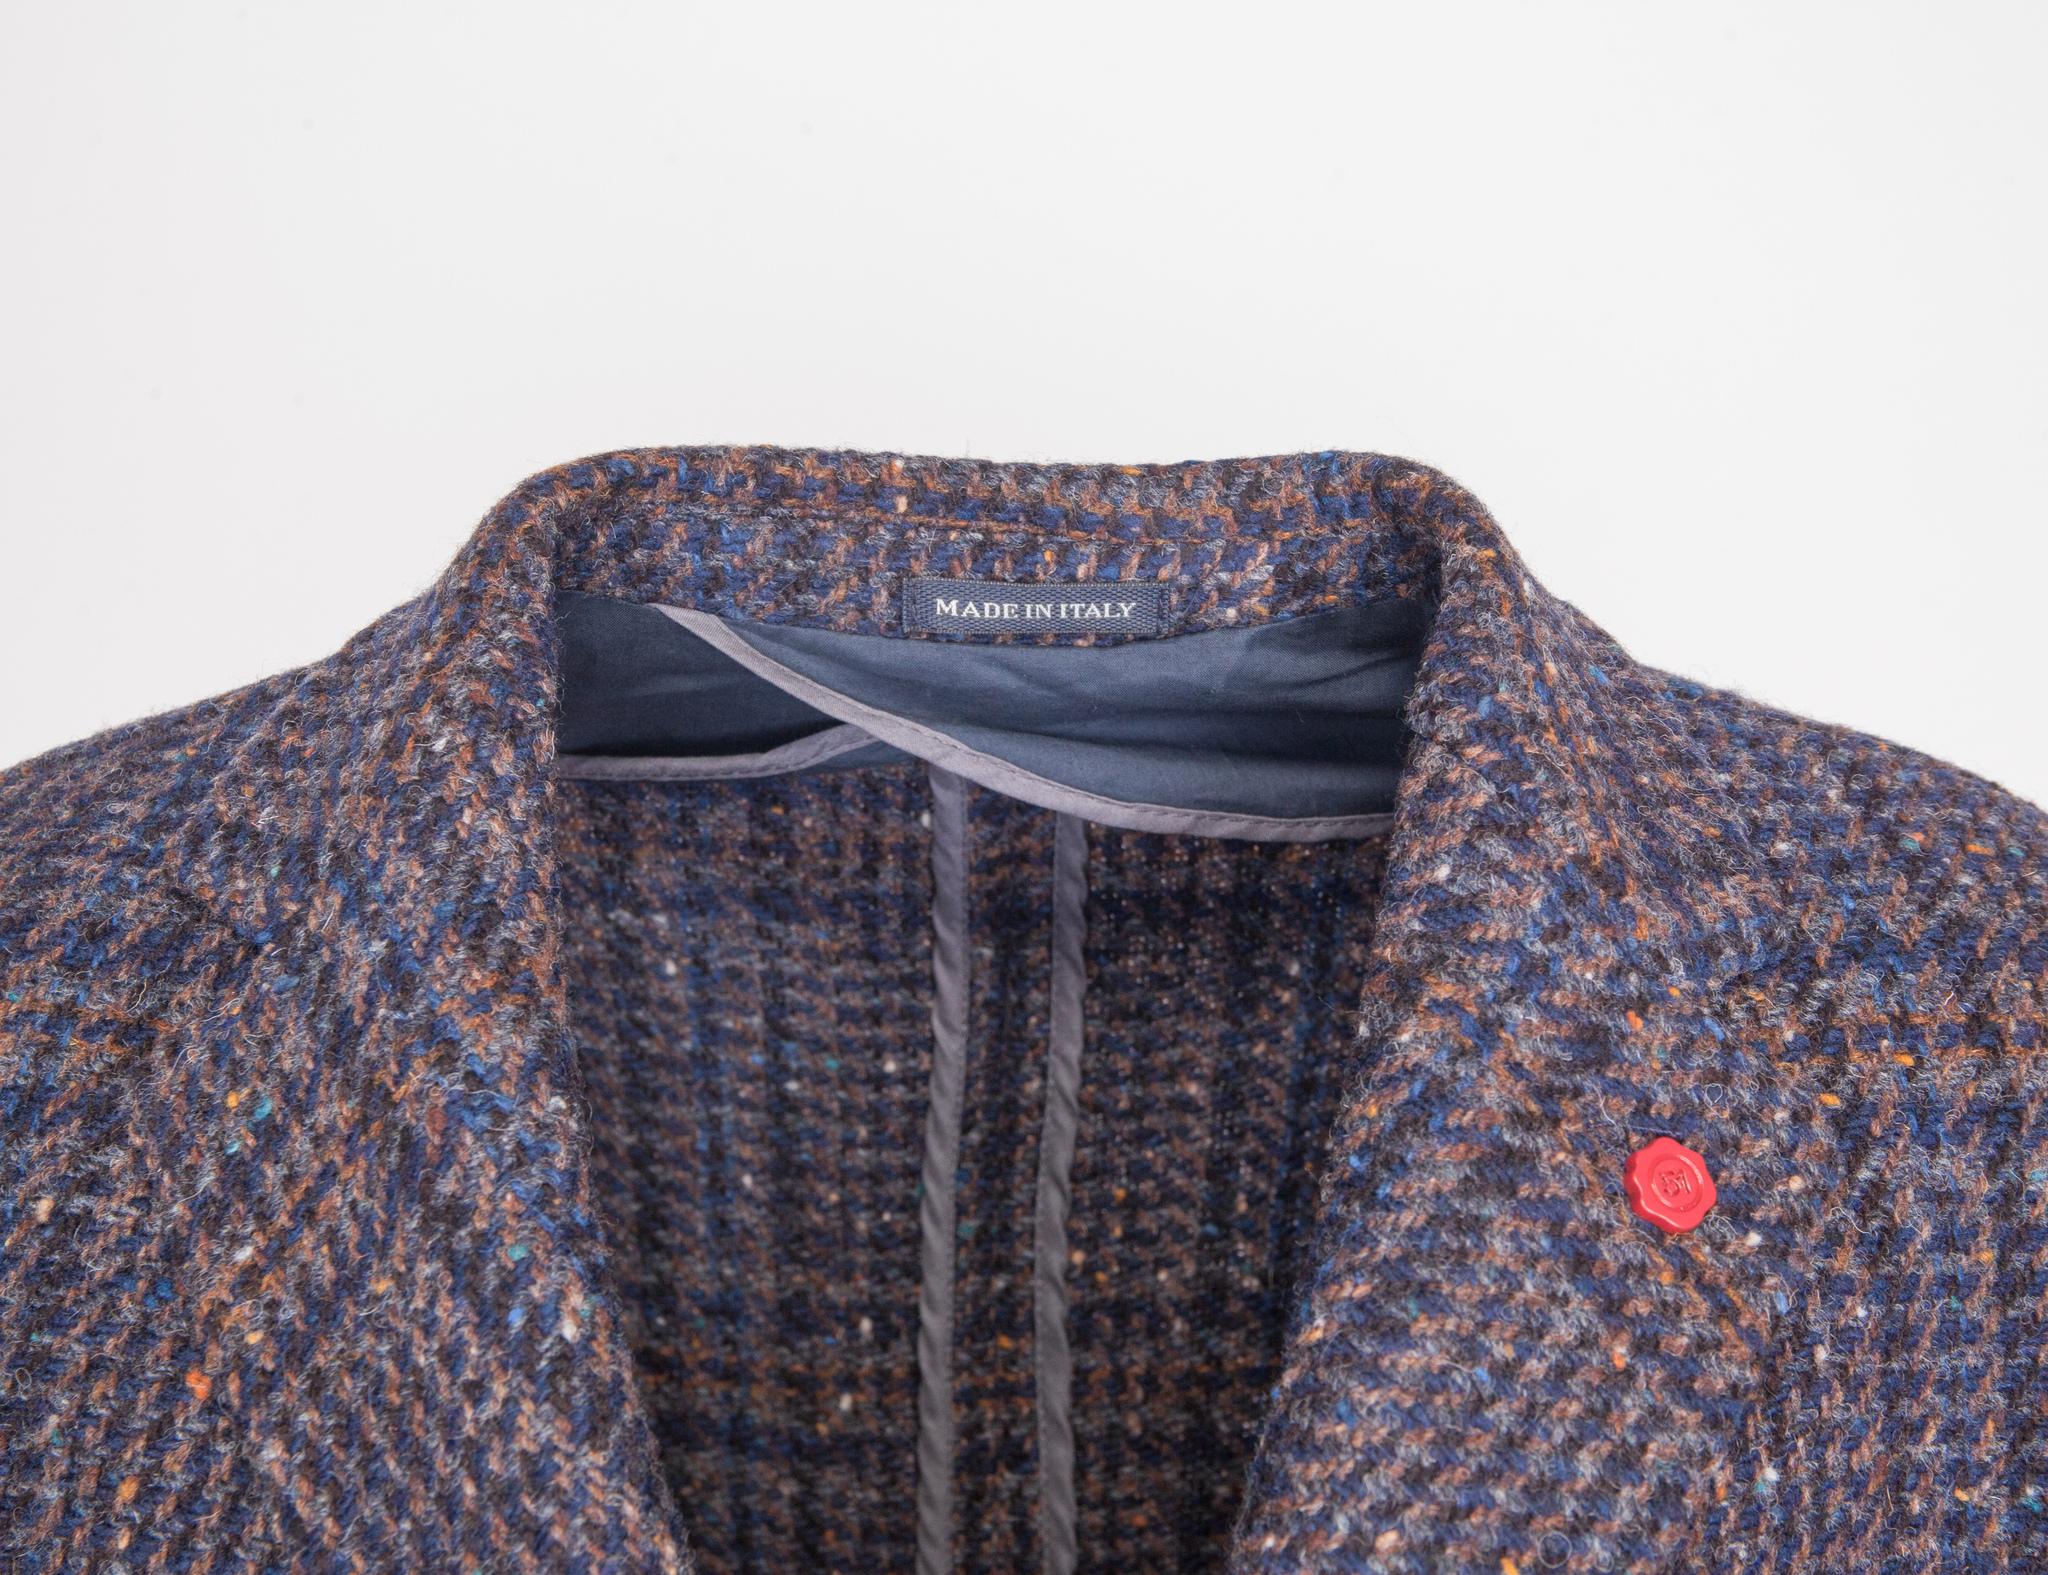 Классическое синее пальто узкого кроя из натуральной шерсти в шотландскую клетку, воротник